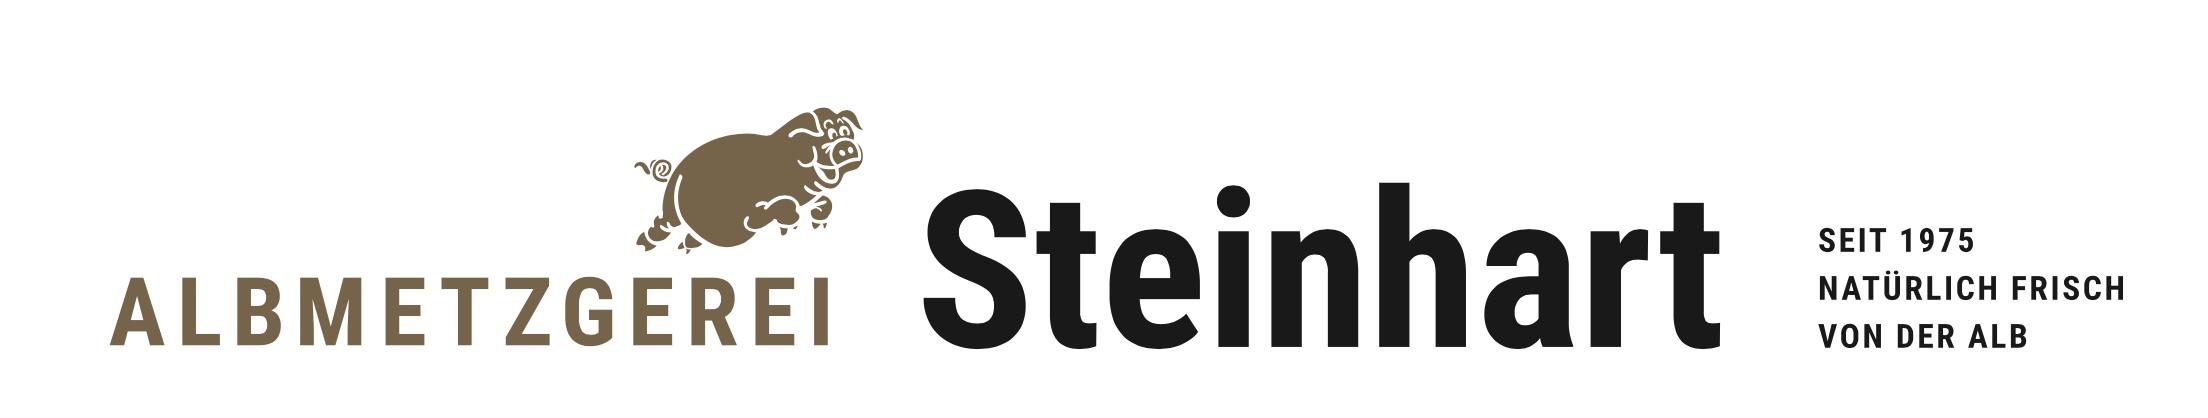 Albmetzgerei Steinhart